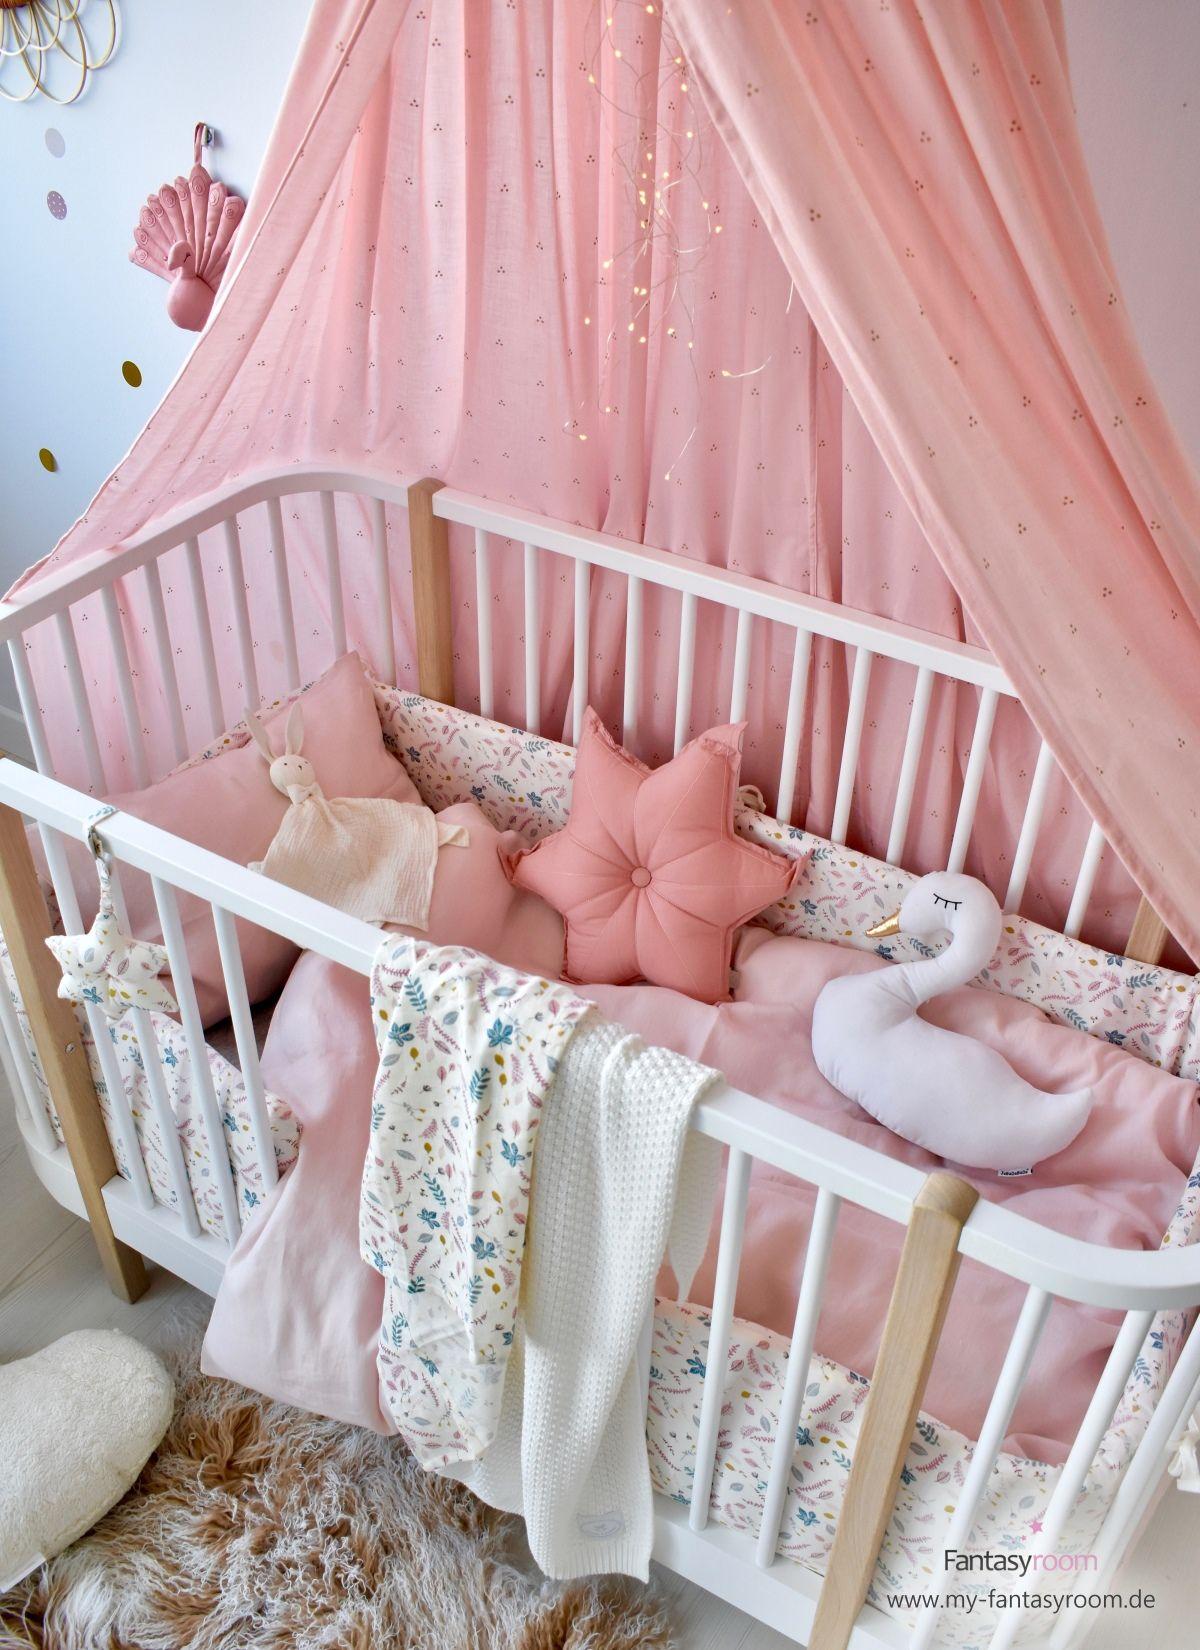 Babyzimmer In Altrosa Creme Bei Fantasyroom Online Kaufen Kinder Zimmer Kinderzimmer Zimmer